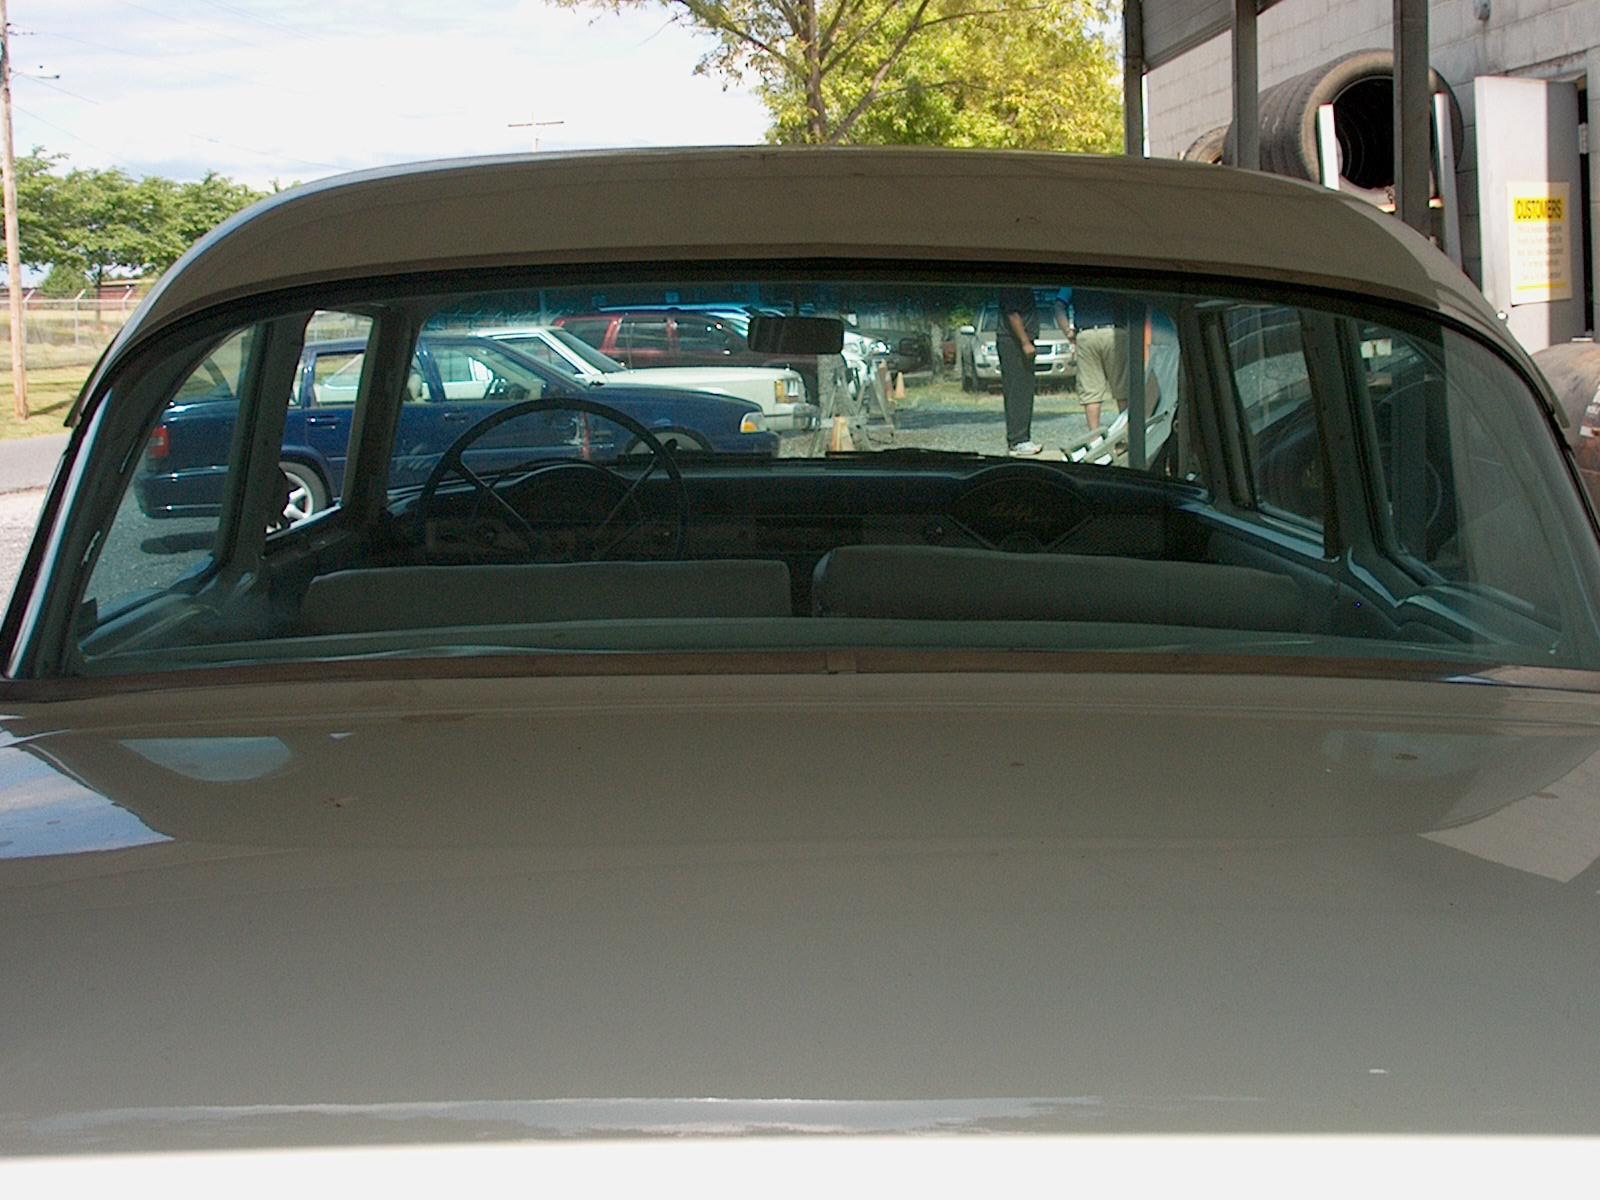 55-Chevy-rear-tight